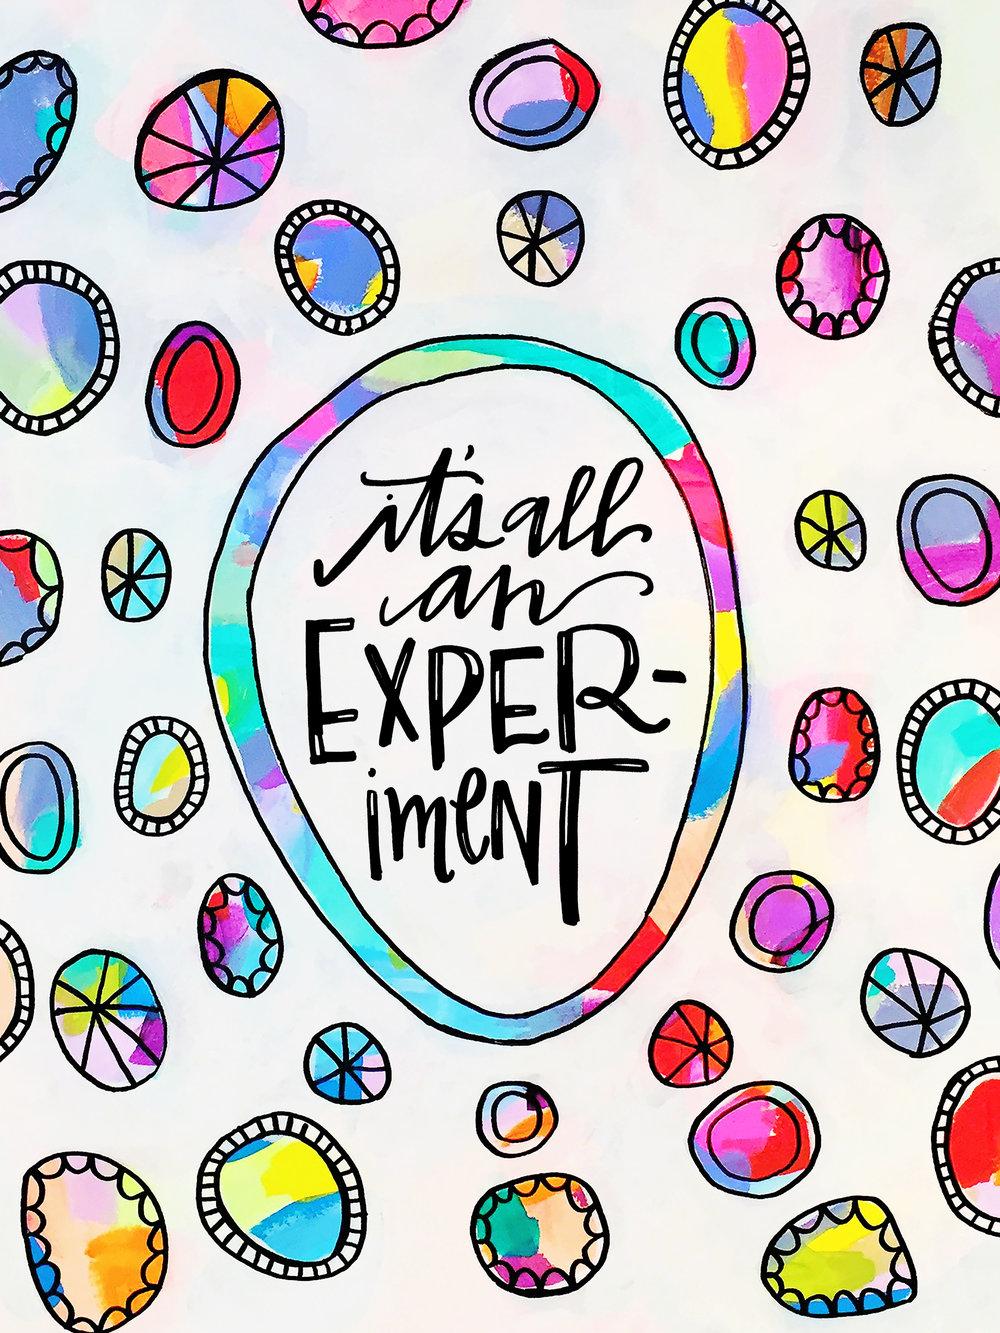 1/15/16: Experiment